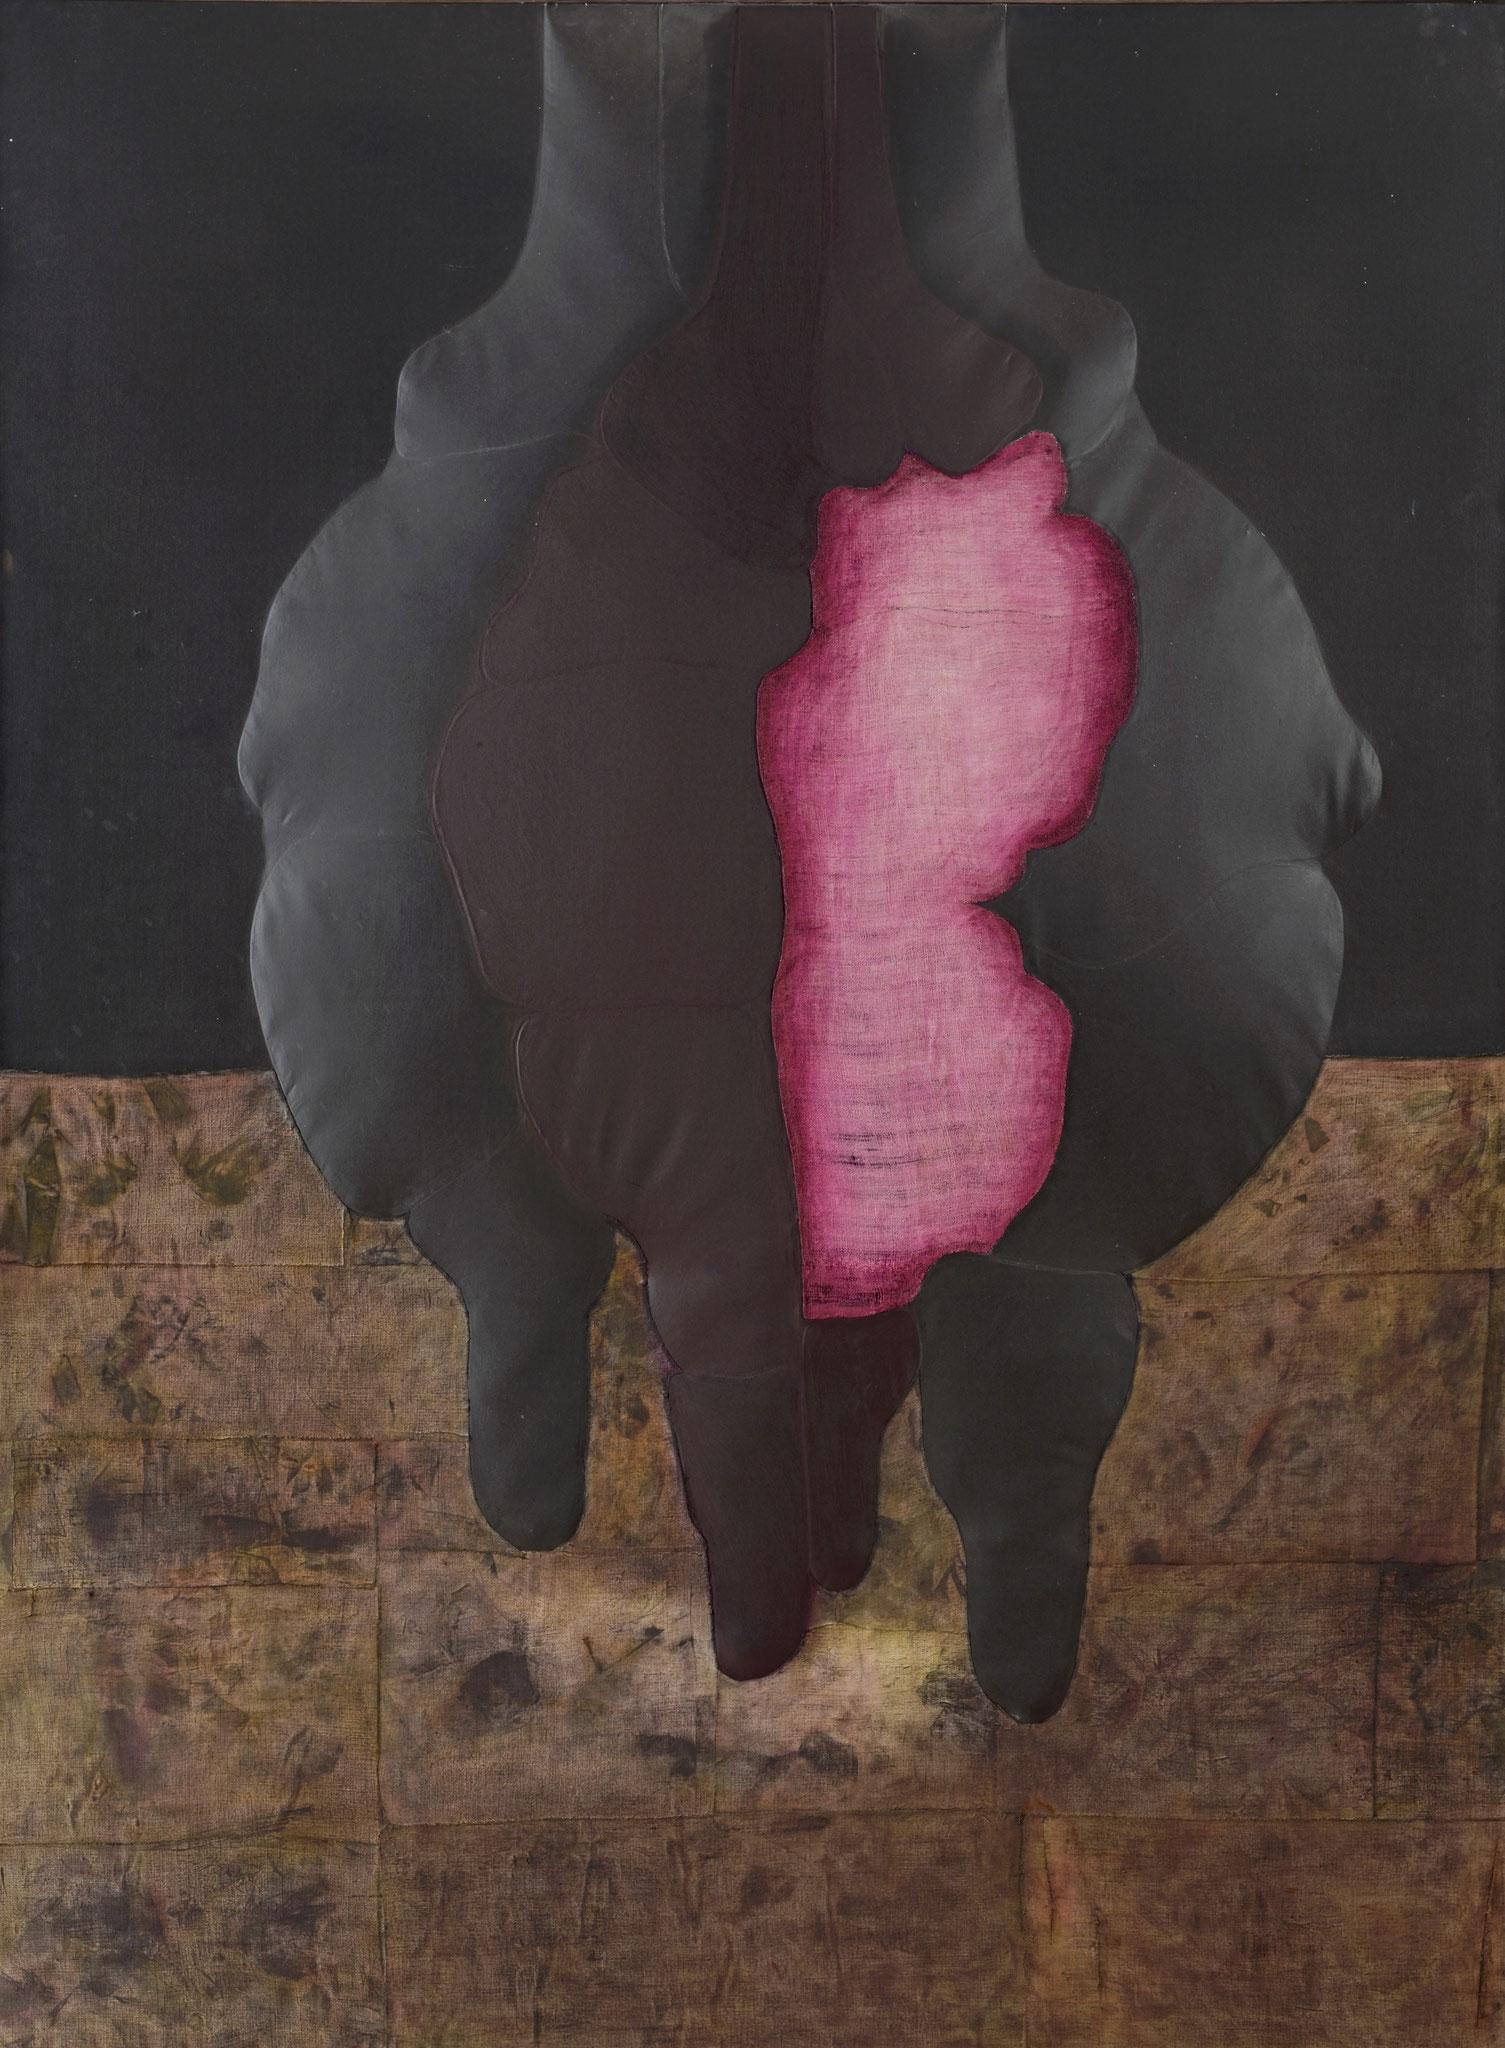 1972 - 2011. 195 x 145 cm. Papier en relief marouflé sur toile avec lès de toile marouflés sur papier. Encre d'imprimerie.